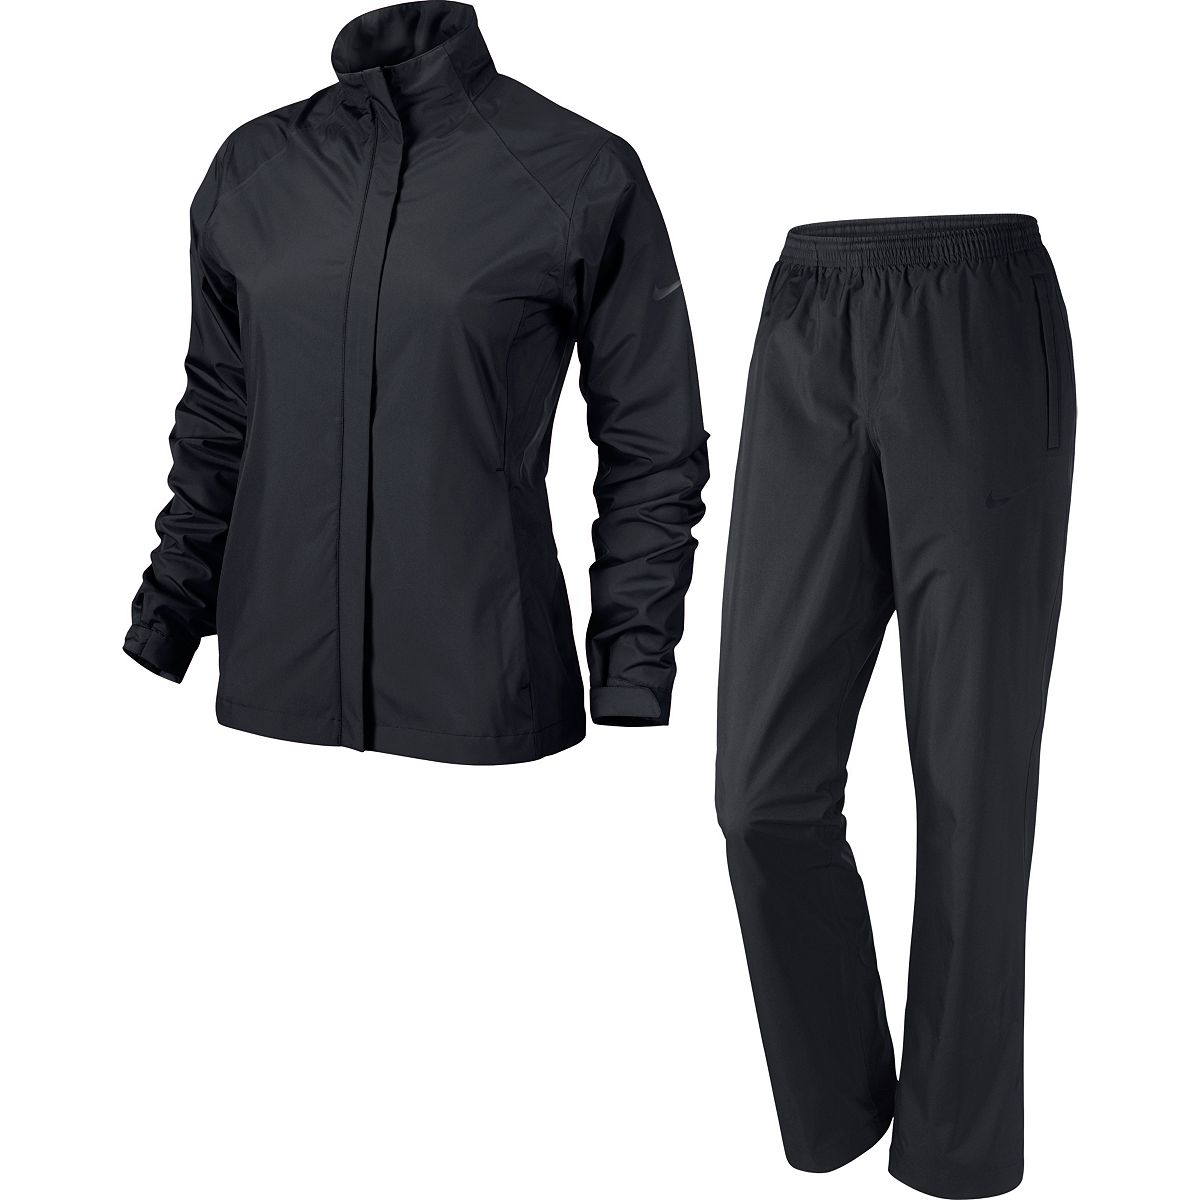 Nike Women's Storm-Fit Rainsuit